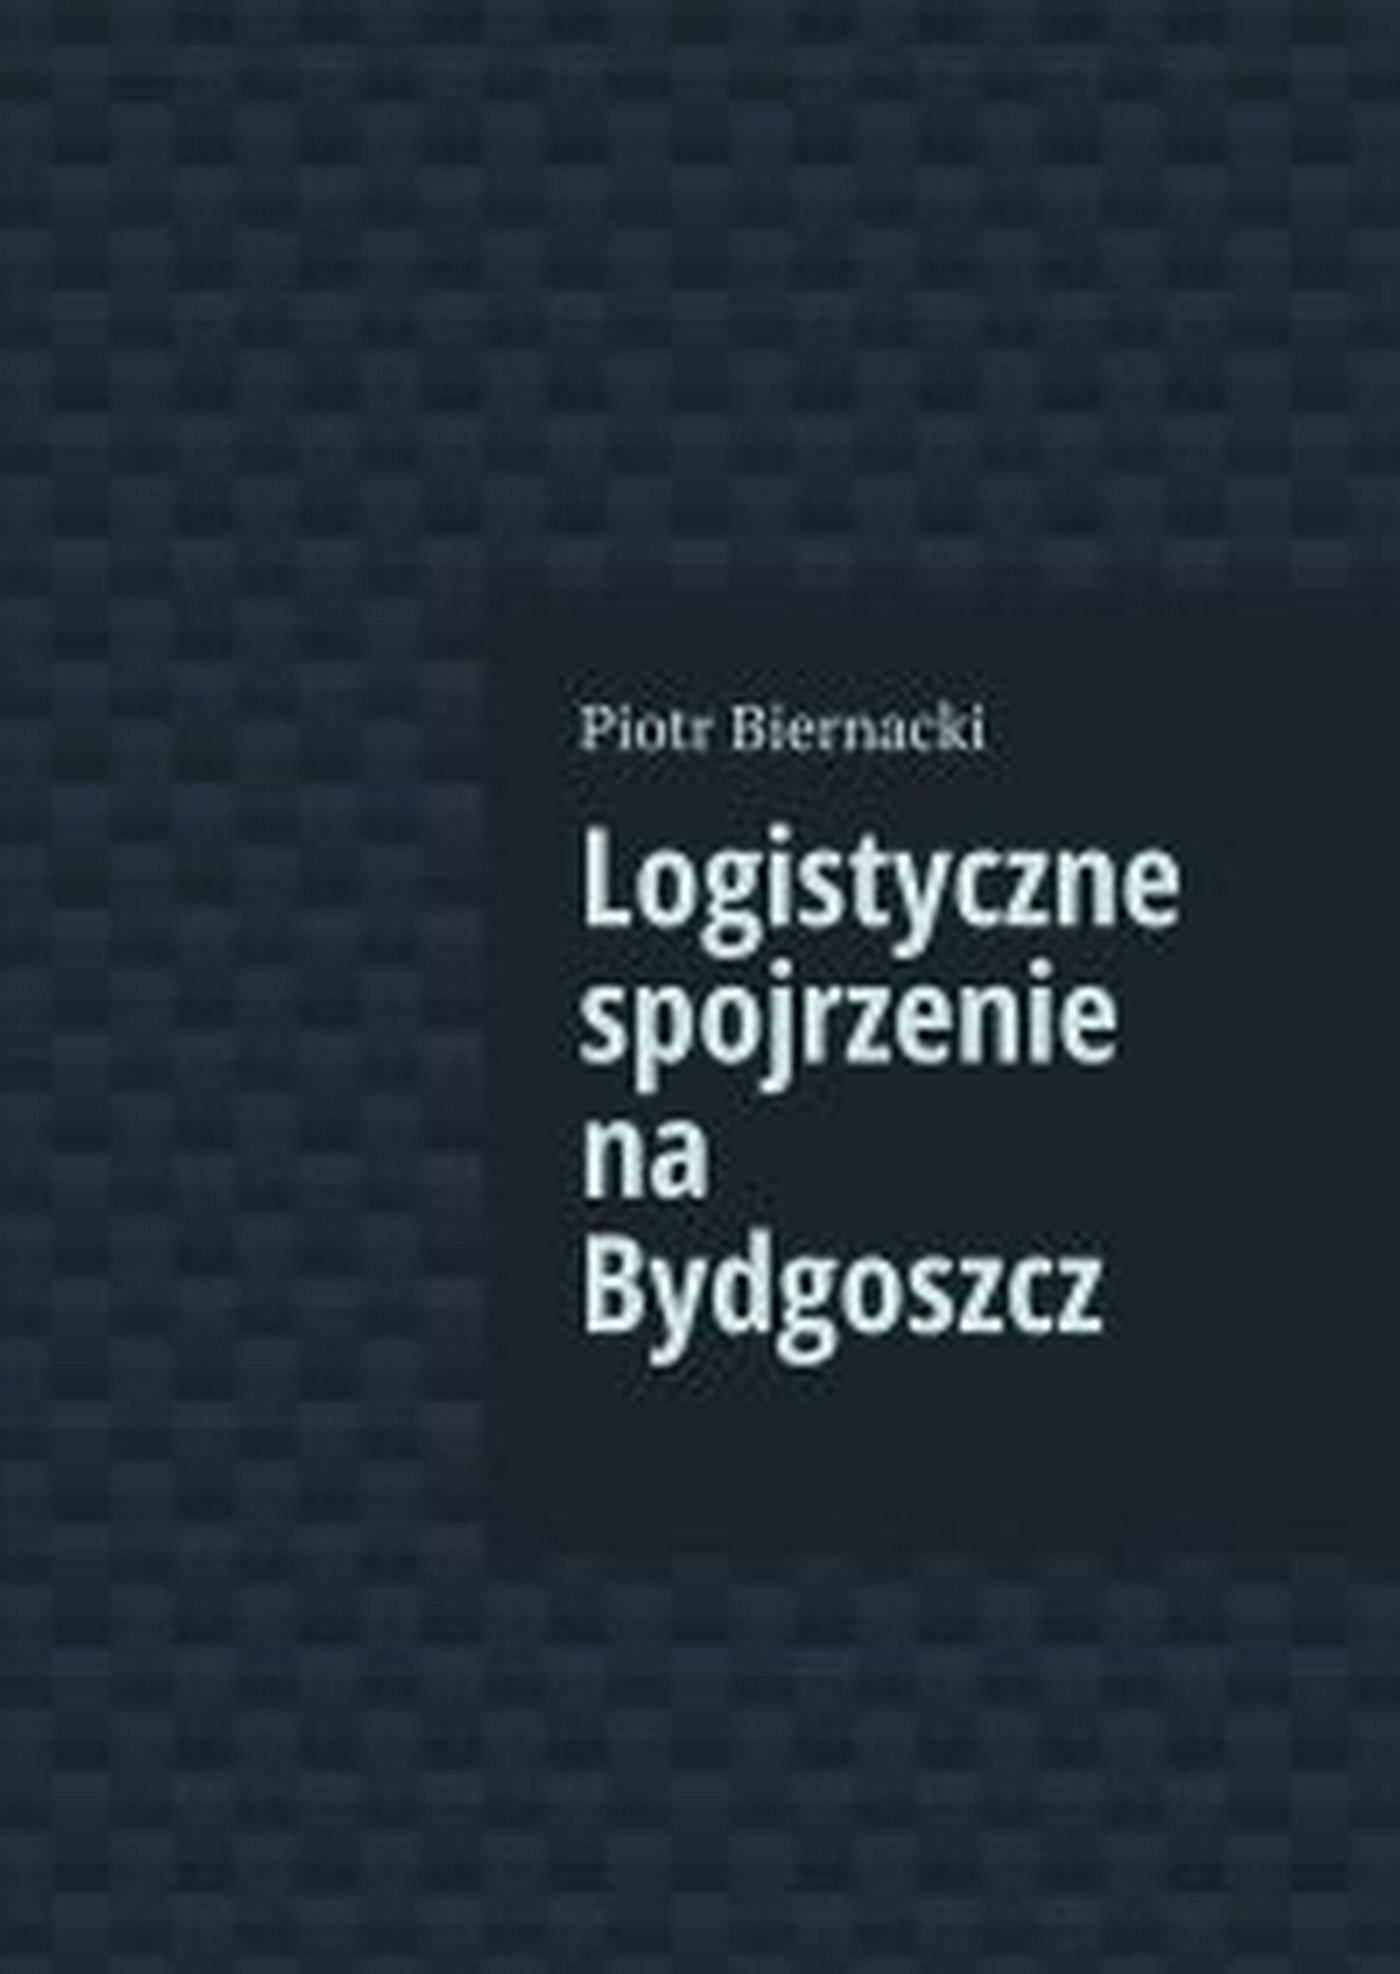 Logistyczne spojrzenie na Bydgoszcz - Ebook (Książka EPUB) do pobrania w formacie EPUB